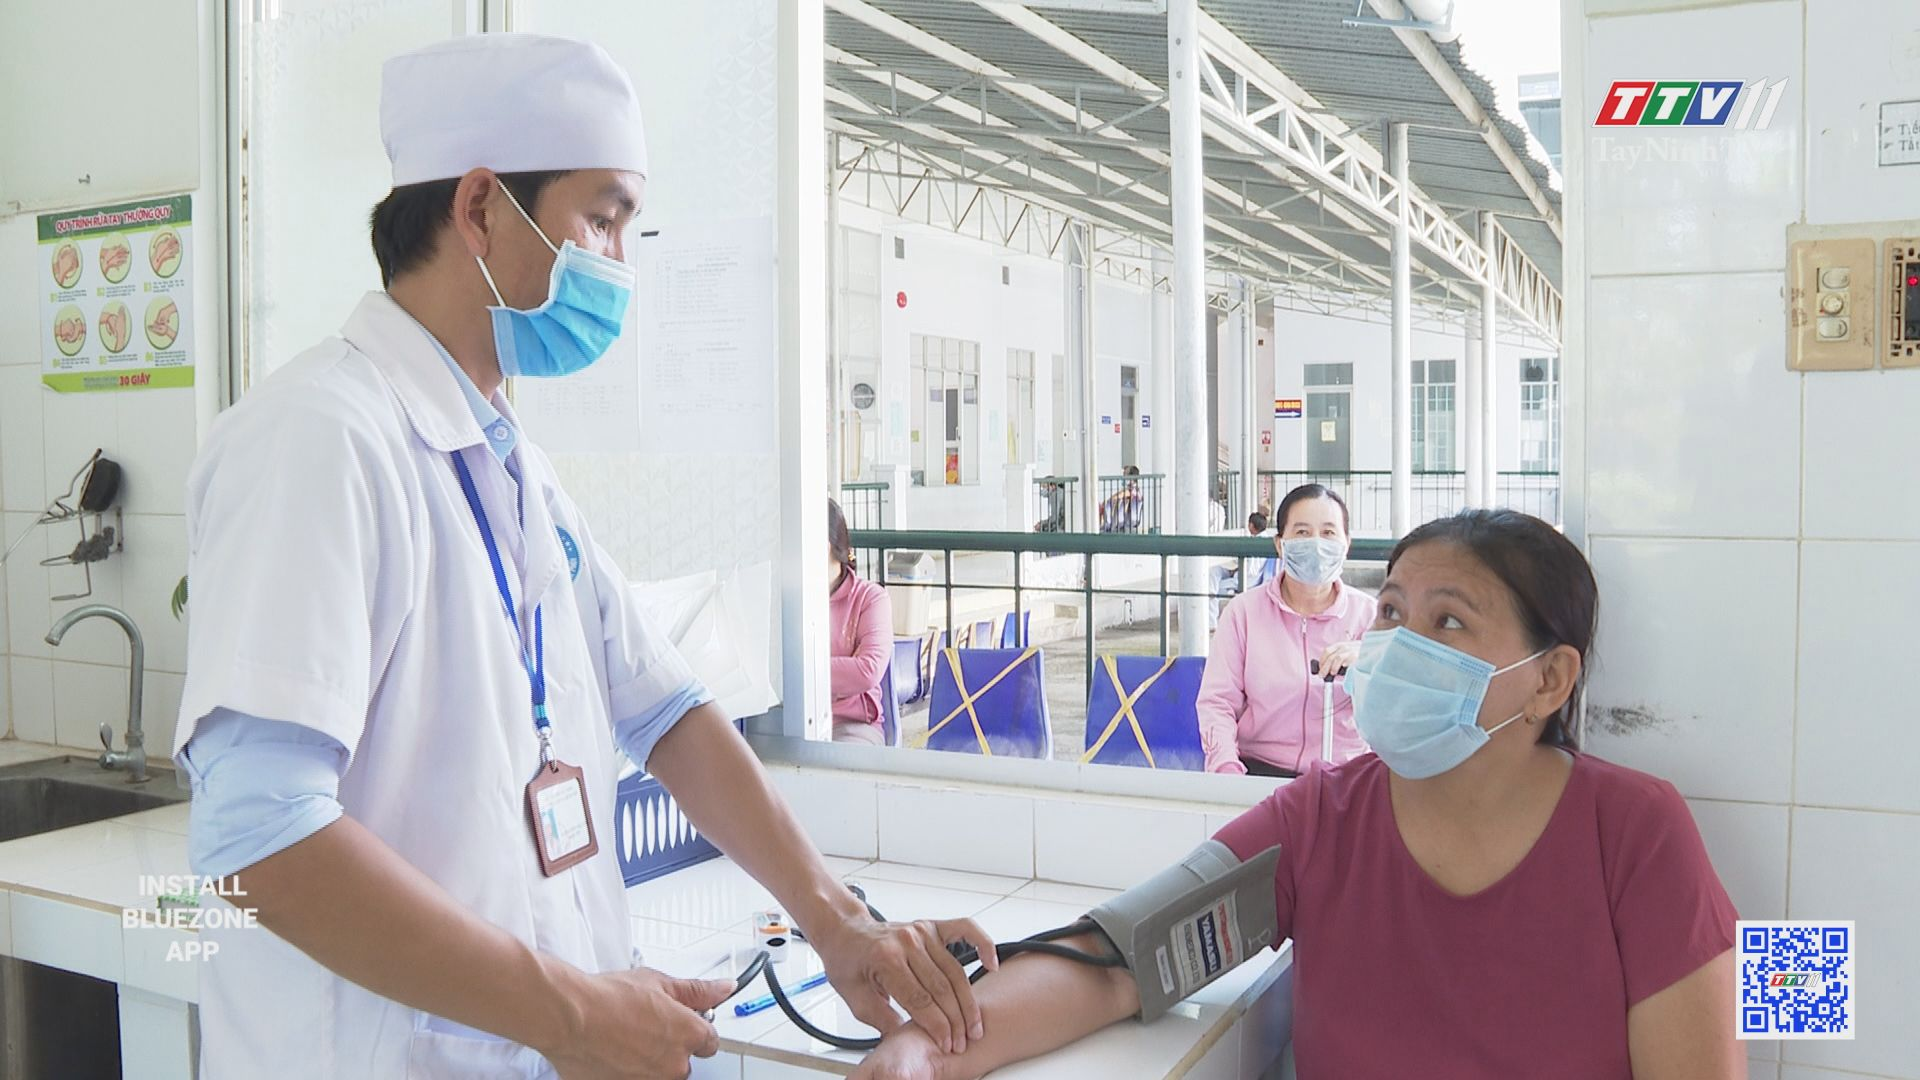 Tự chủ tài chính trong lĩnh vực y tế và giáo dục | TIẾNG NÓI CỬ TRI | TayNinhTV